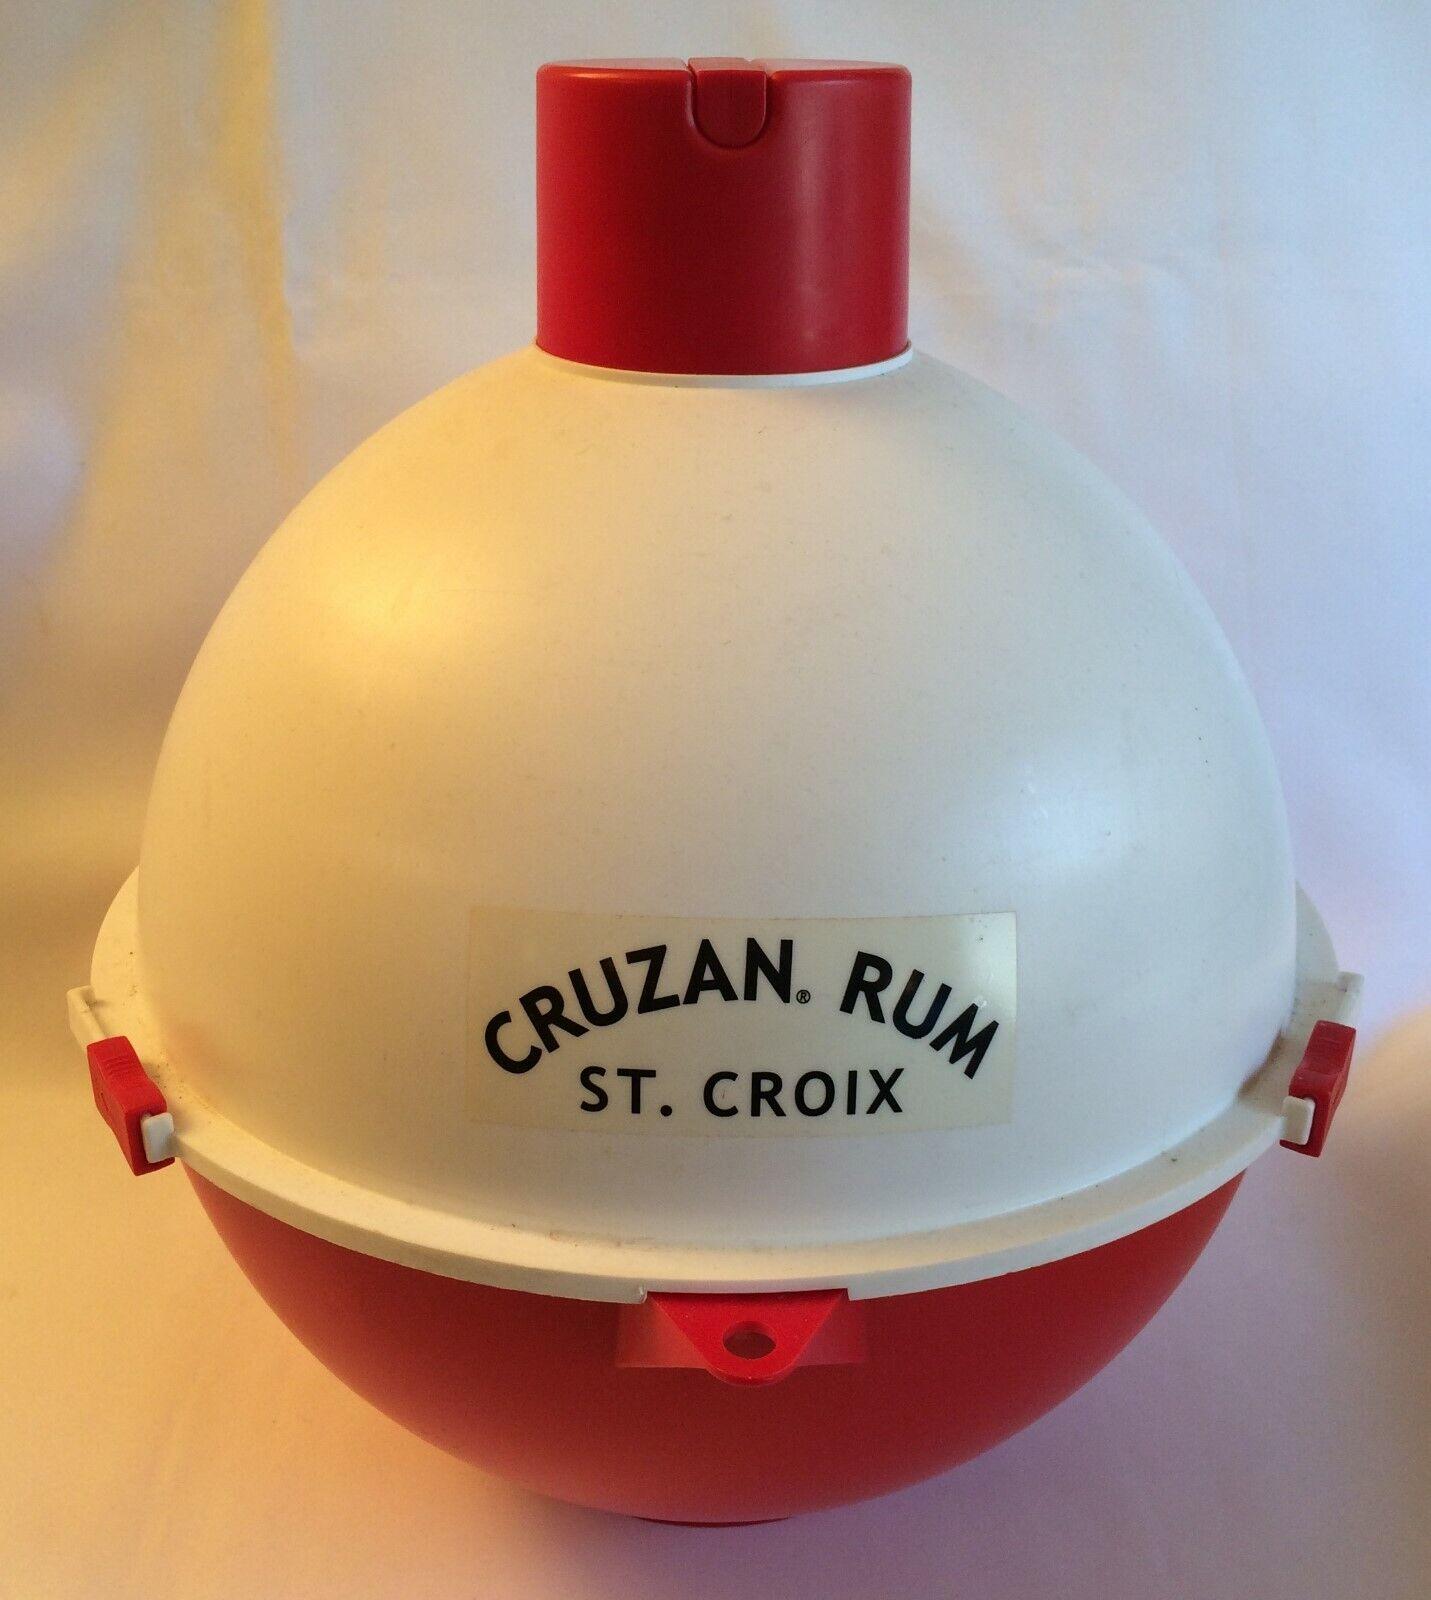 Cruzan Ron St Croix Publicidad Promo Enfriador FLOTANTE BOBBER